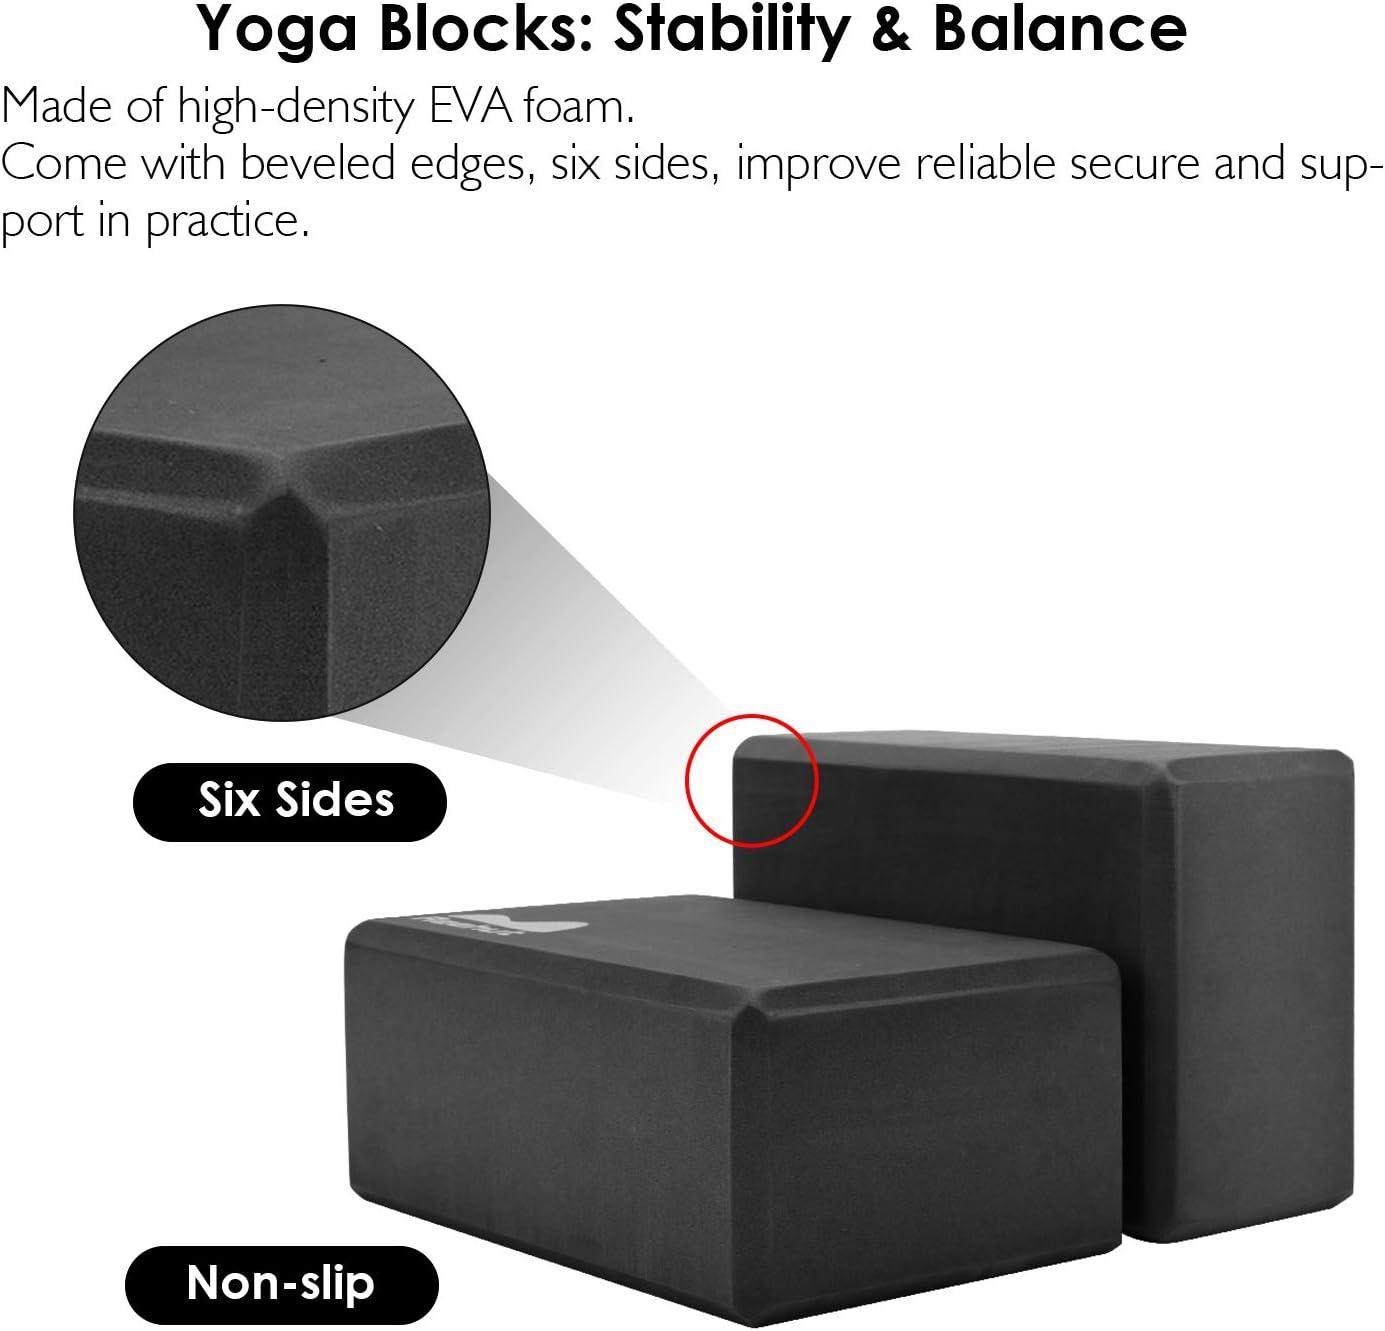 Correa Yoga para Estiramiento Bloque de Espuma EVA de Alta Densidad para Apoyar y Profundizar Las Posturas y Correa para Yoga 2.4m REEHUT Set de Bloques de Yoga 2pcs